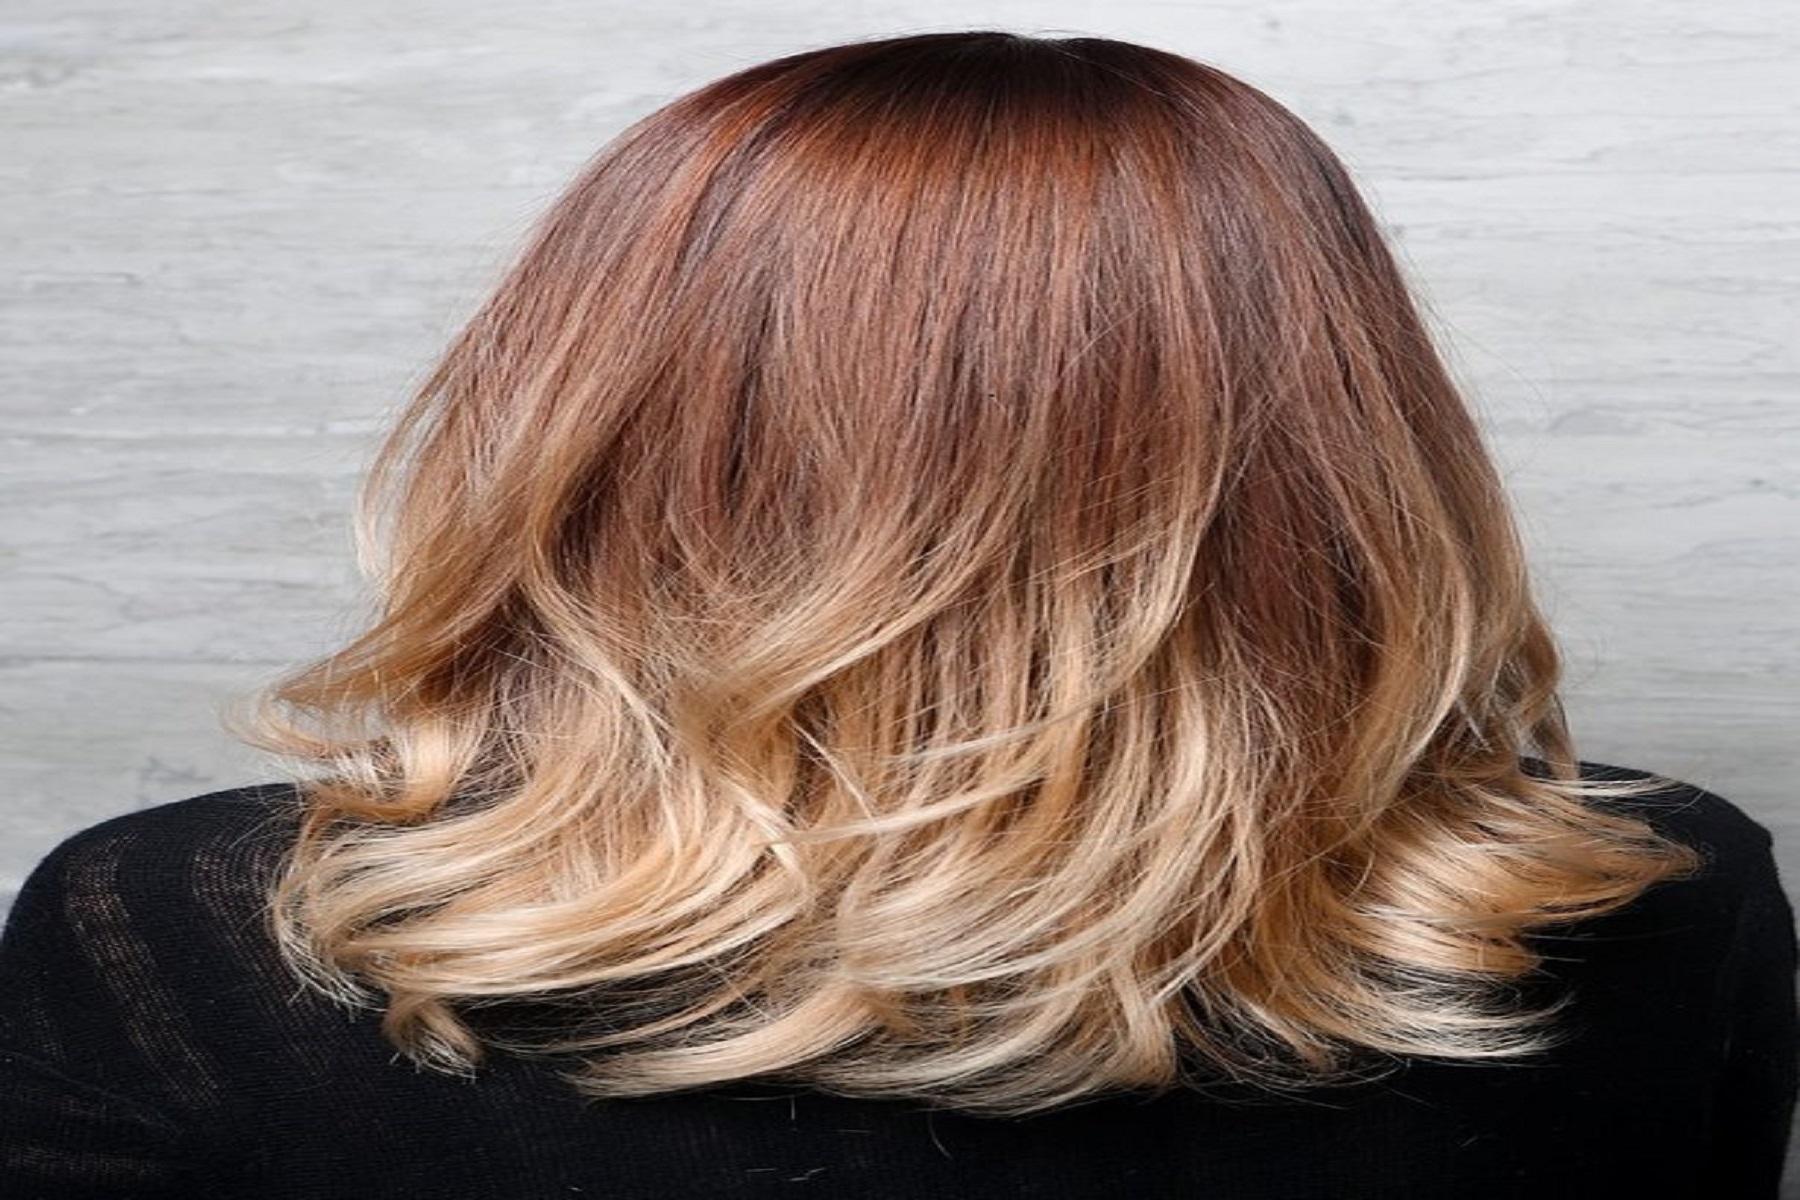 Μαλλιά Ηλικία: Τι να κάνετε για να κρύβετε χρόνια